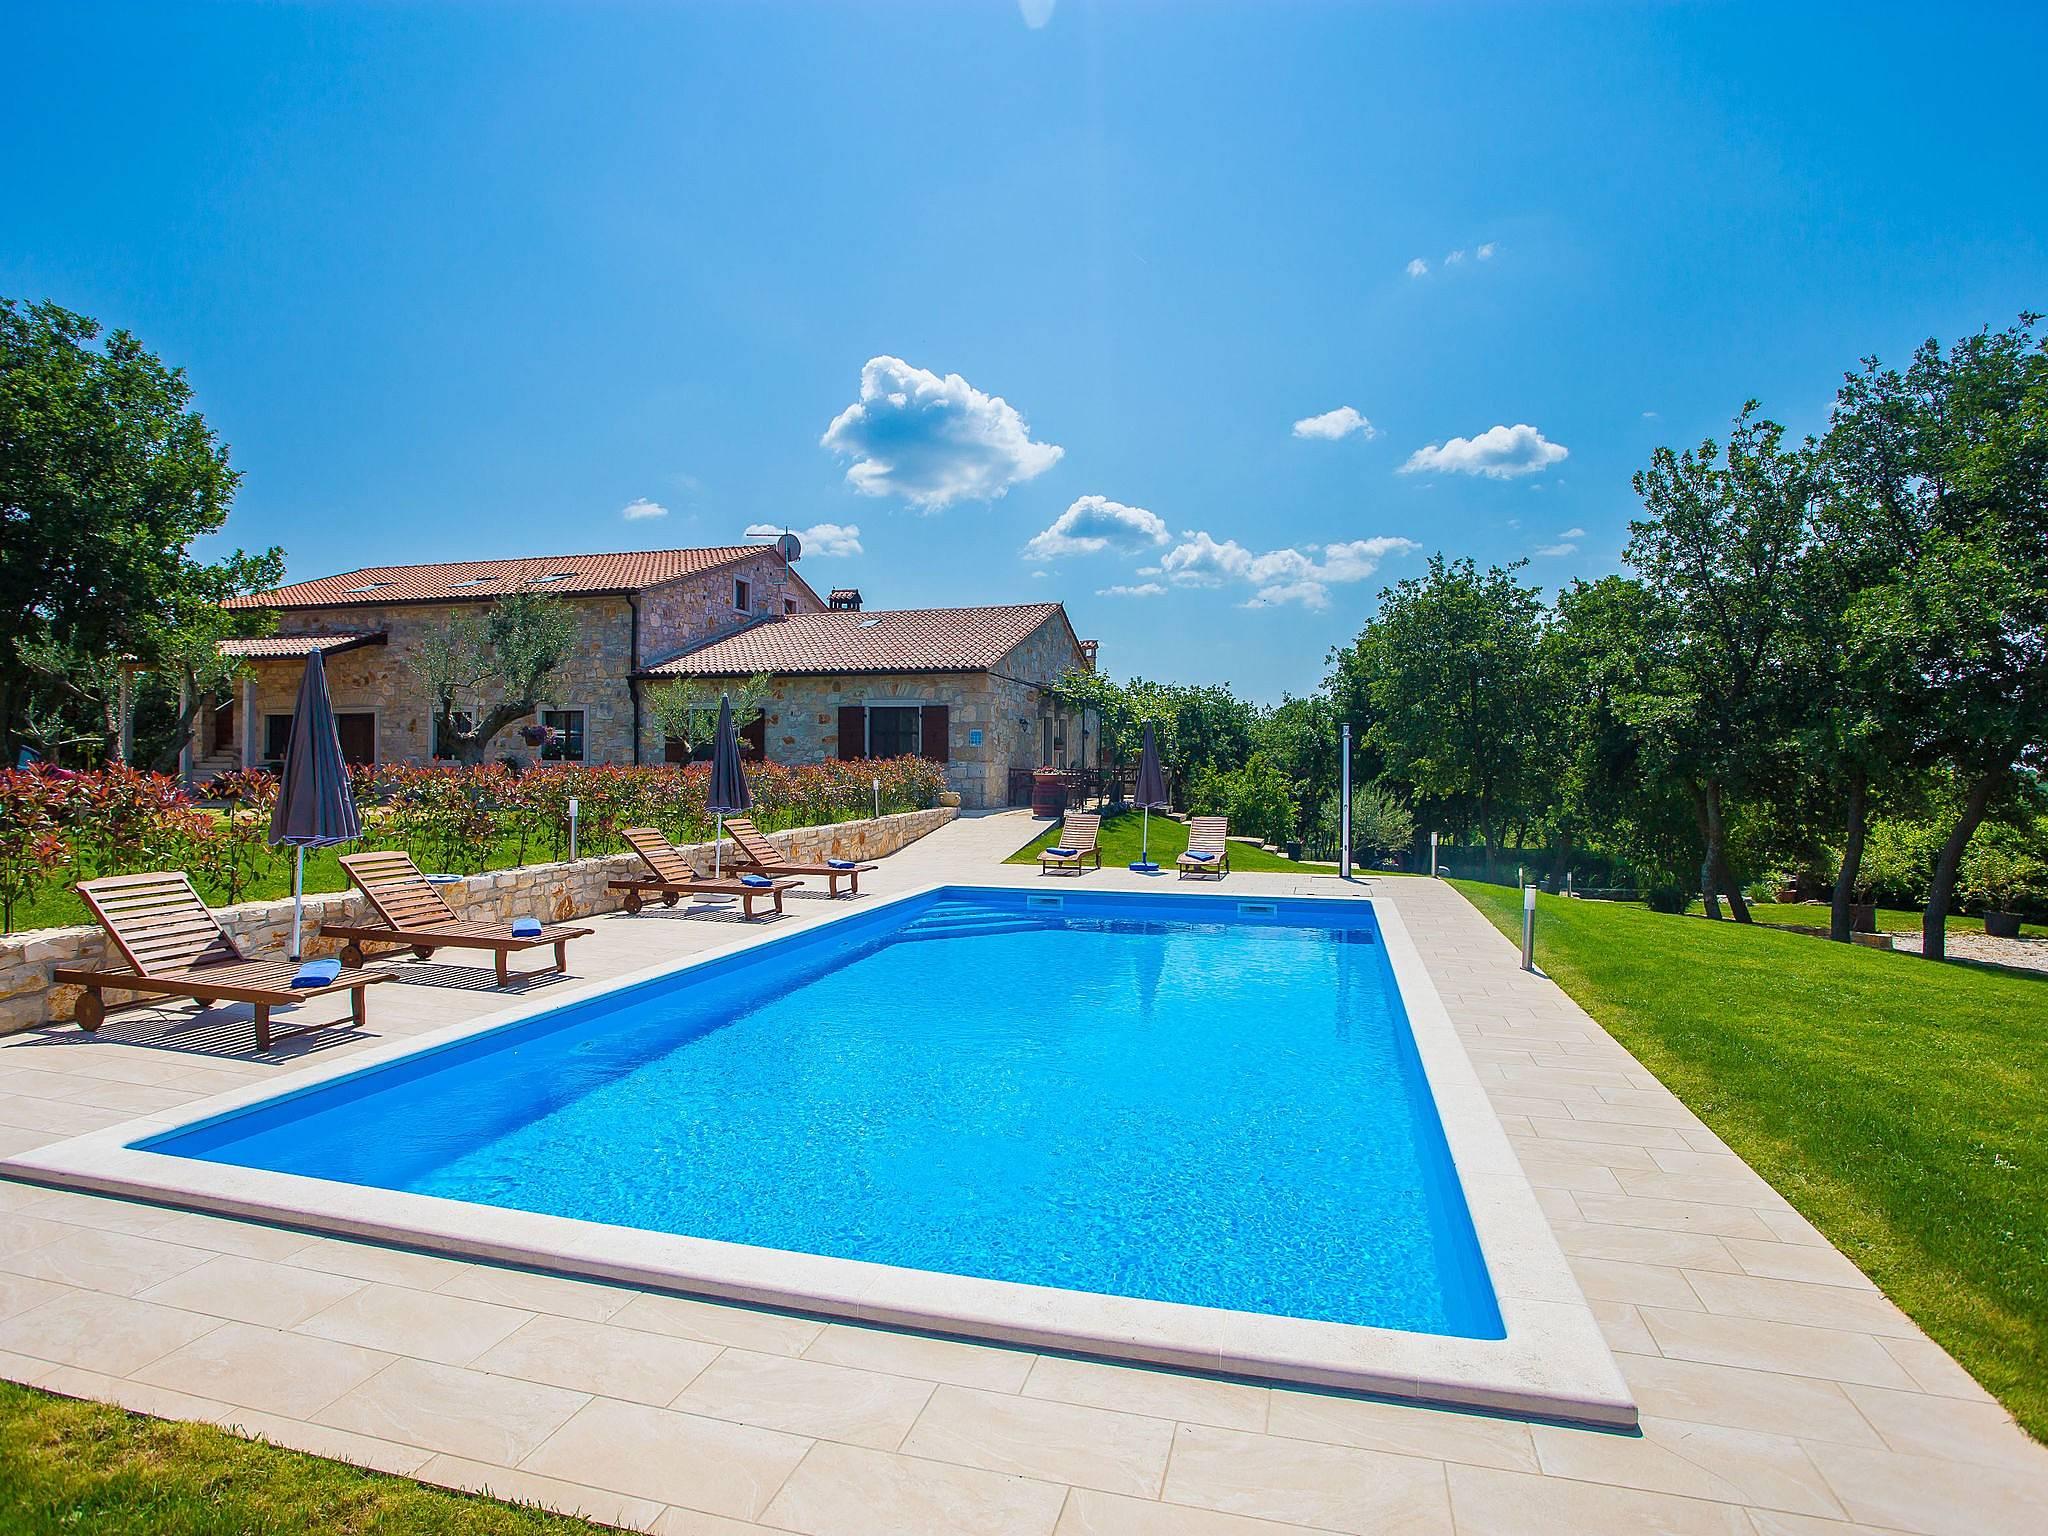 Apartamentos sveti lovrec istria alquiler apartamentos y pisos tur sticos - Alquiler apartamentos turisticos ...